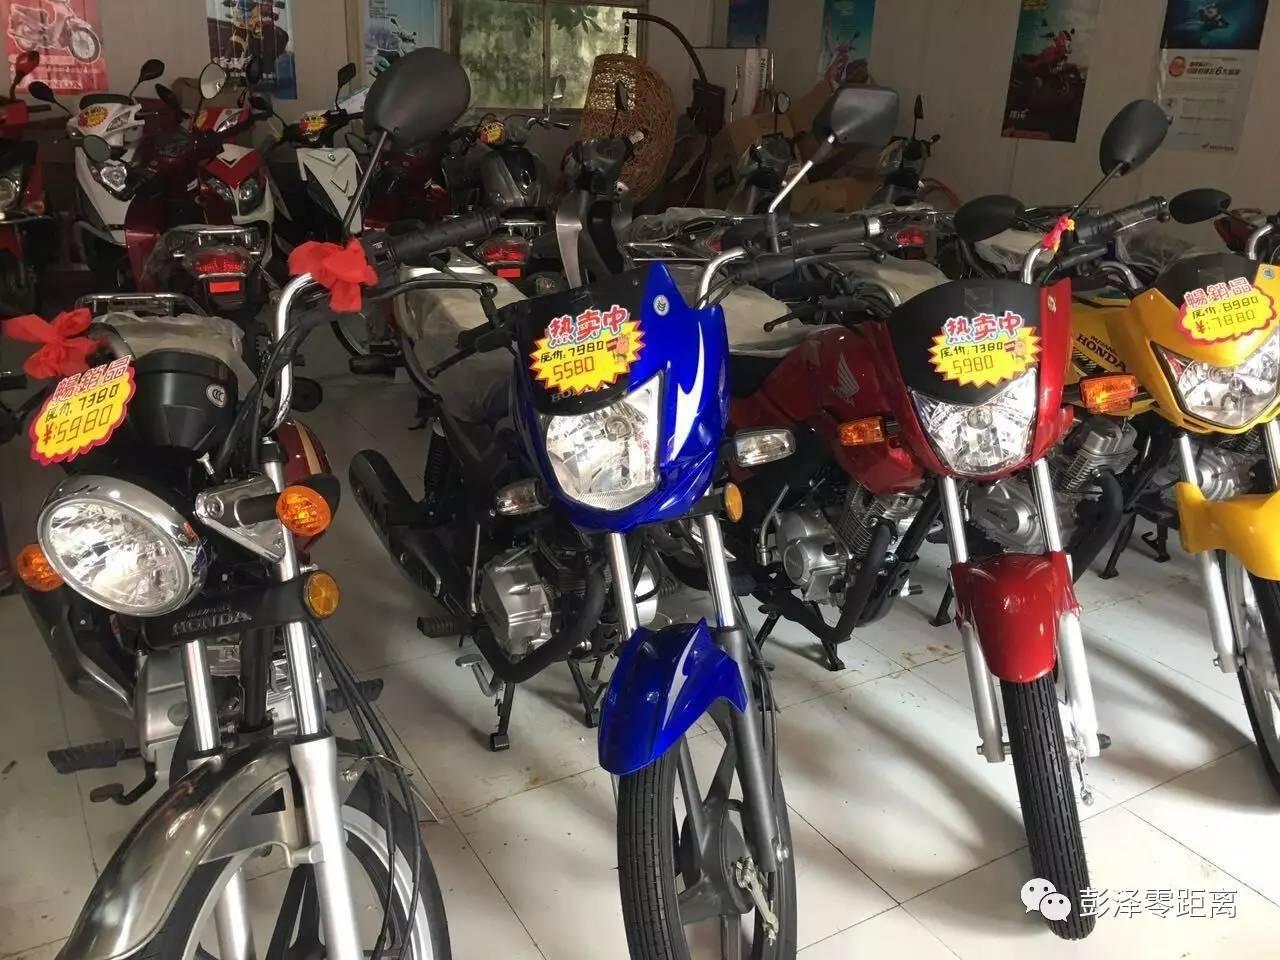 摩托 摩托车 自行车 1280_960图片